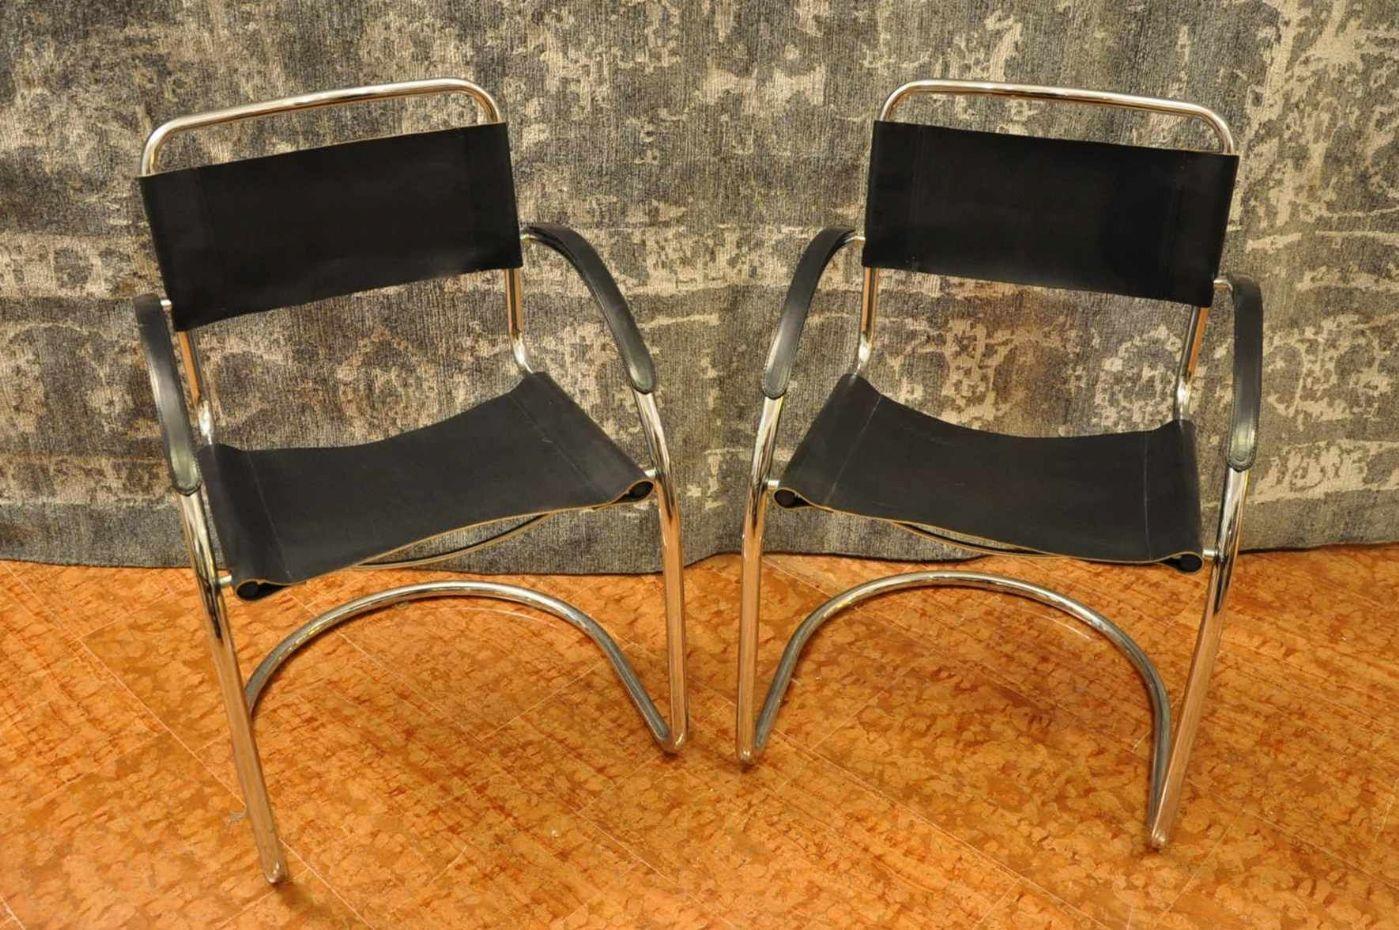 Quattro sedie cuoio e acciaio antiquariato su anticoantico